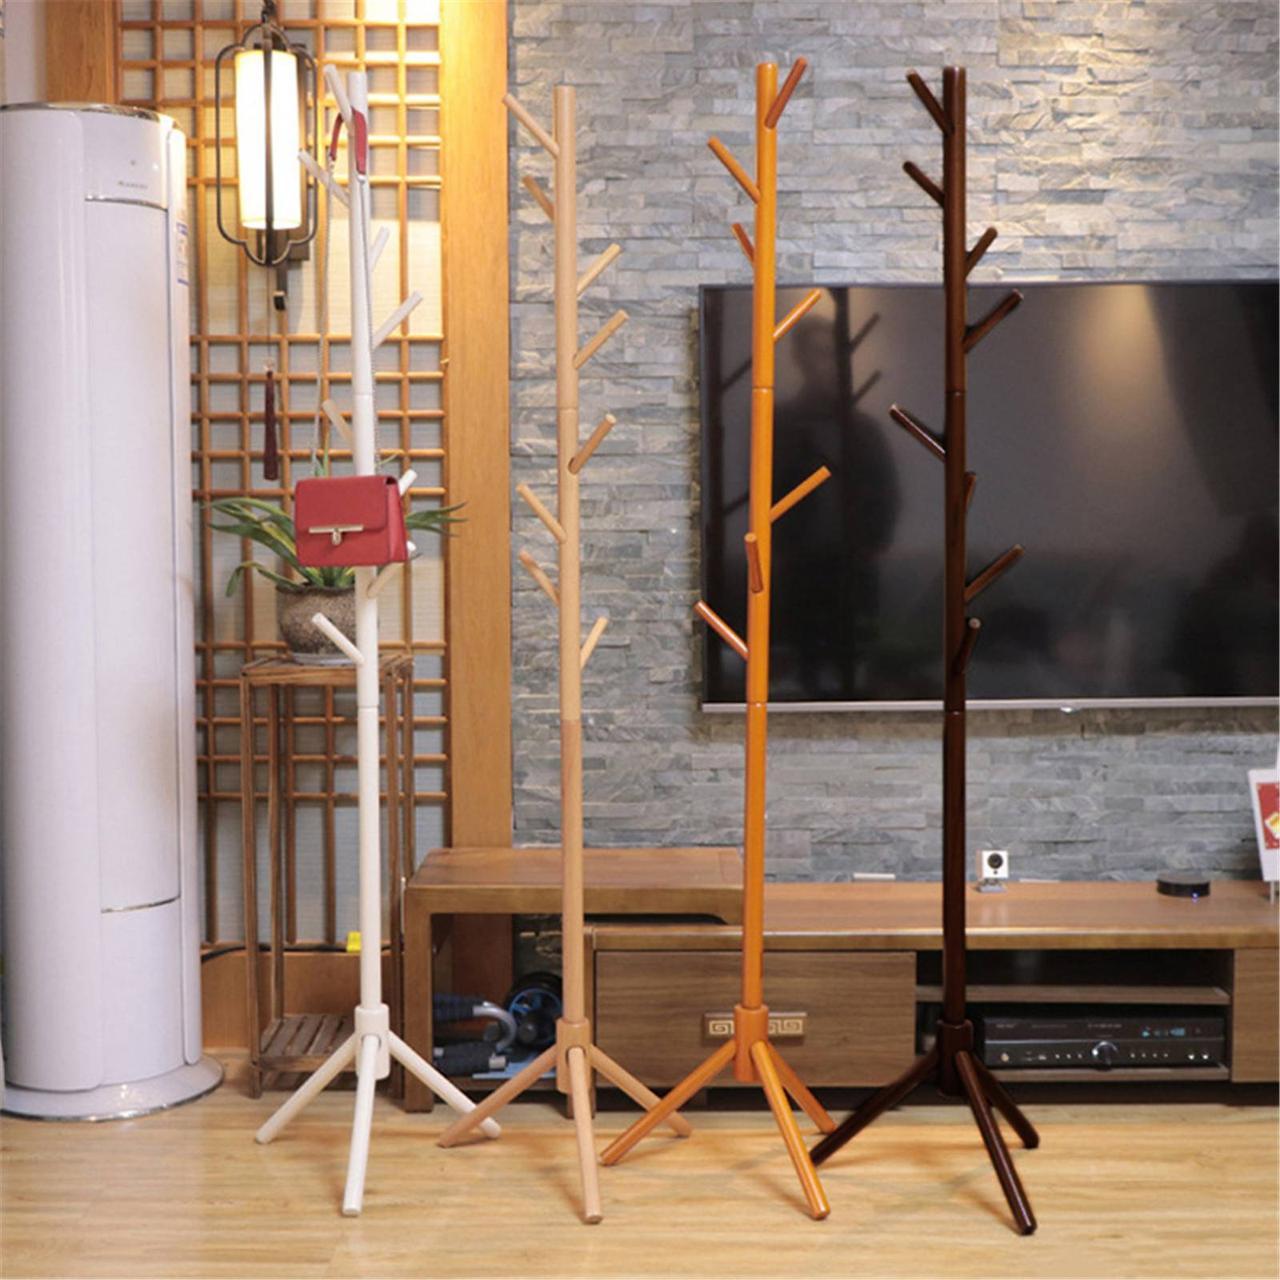 Вішалка стійка для одягу підлогова дерев'яна колір темно коричневий, висота 175 см